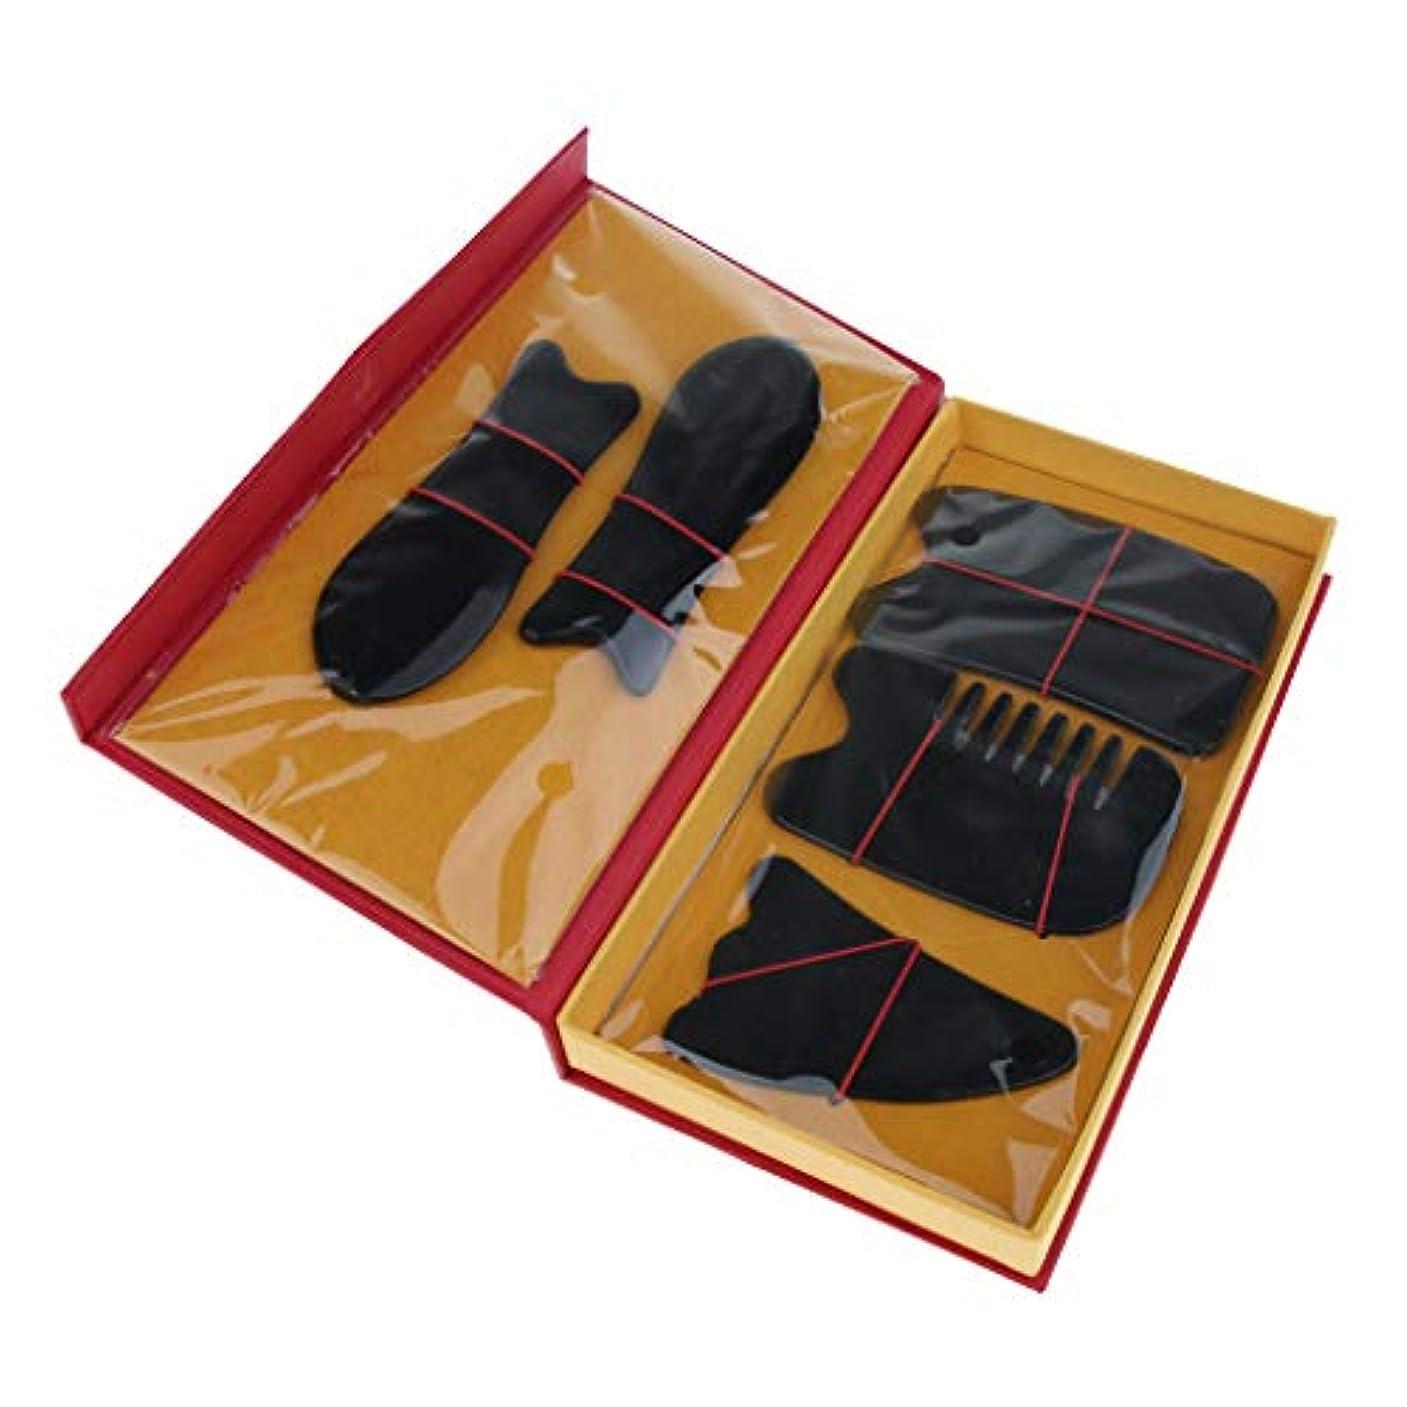 モジュール抽出オレンジPerfeclan 5本セット マッサージボード スクレイピングマッサージ スクレーパーツール 2色選べ - ブラック